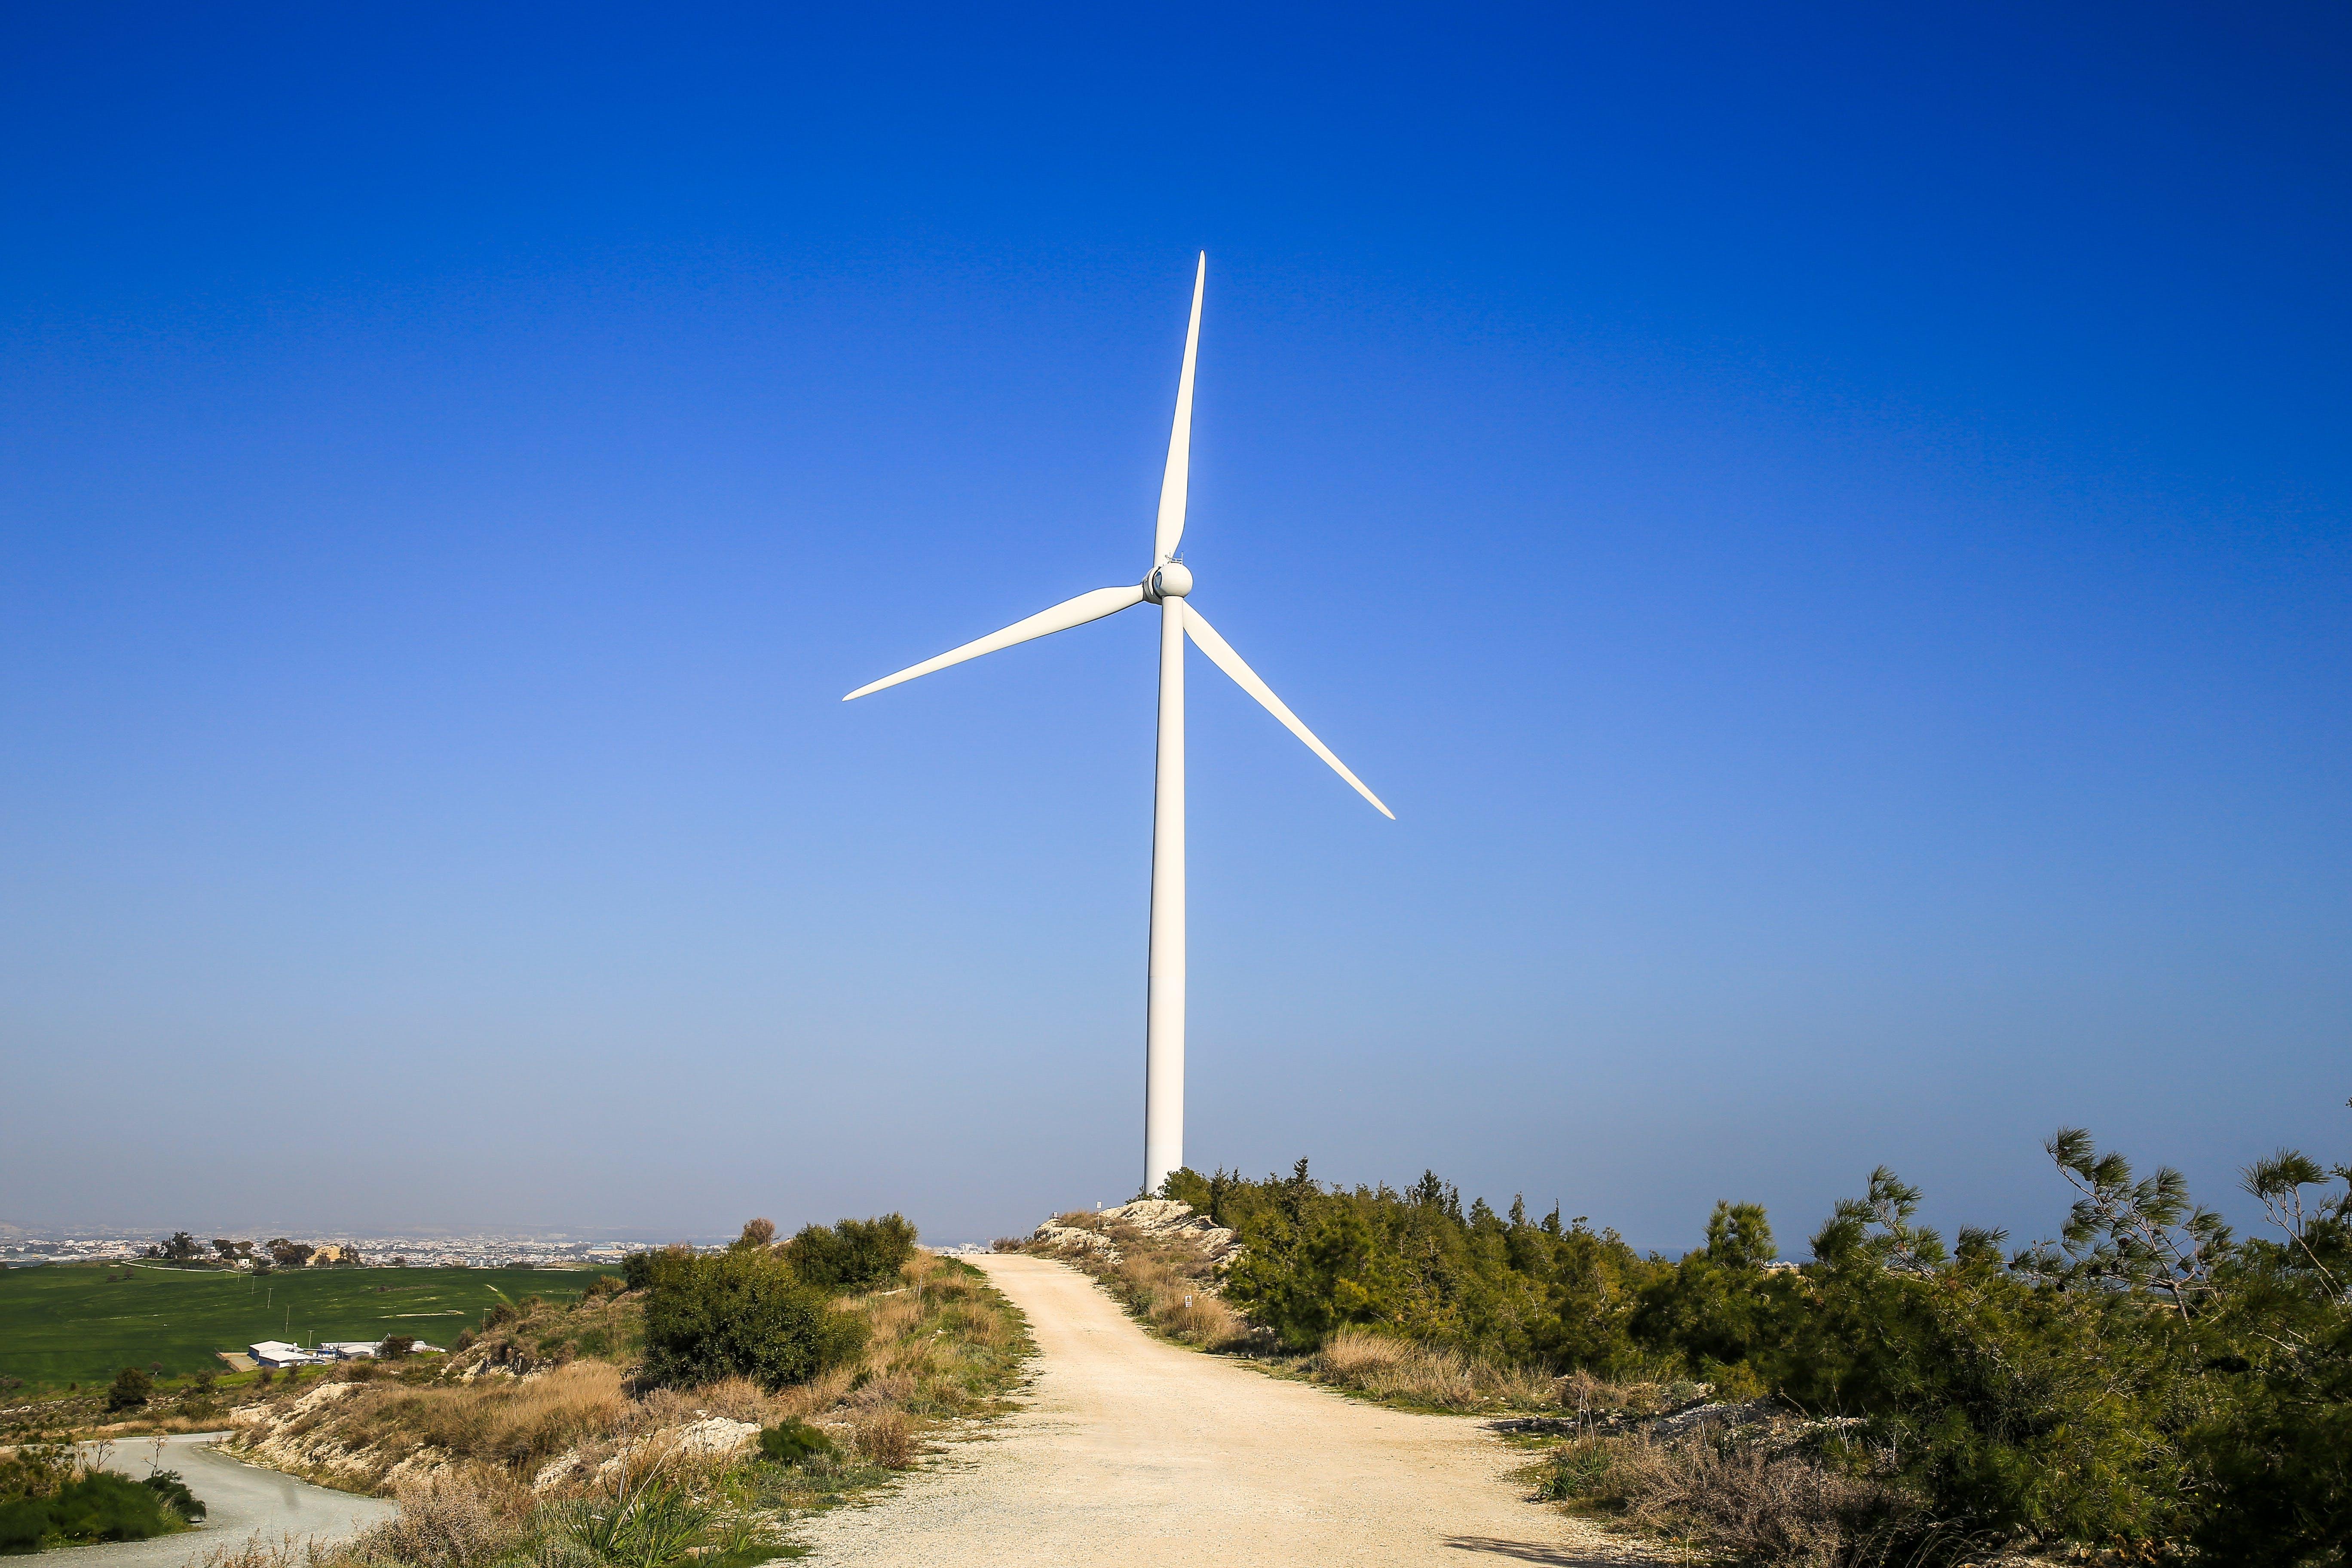 エコロジー, エネルギー, サステナビリティ, ジェネレータの無料の写真素材